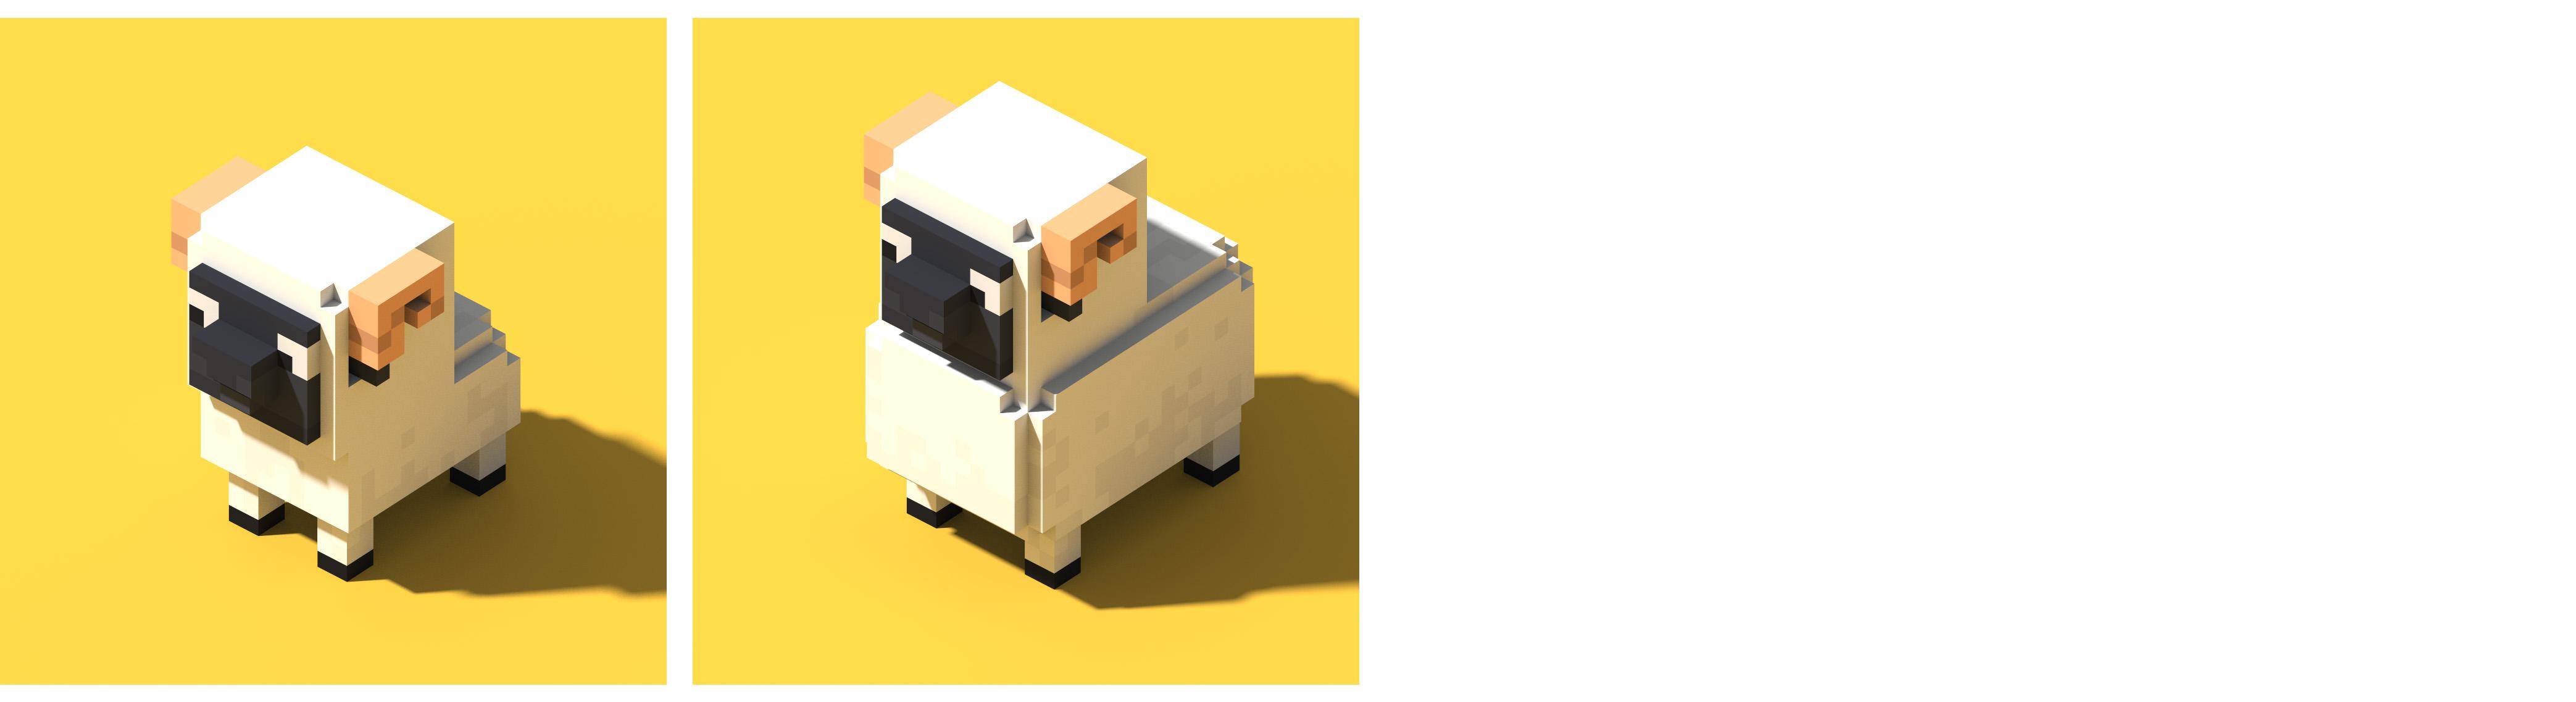 SheepPenAnimals | Ищу программиста. Мобильная разрабокта казуалок.